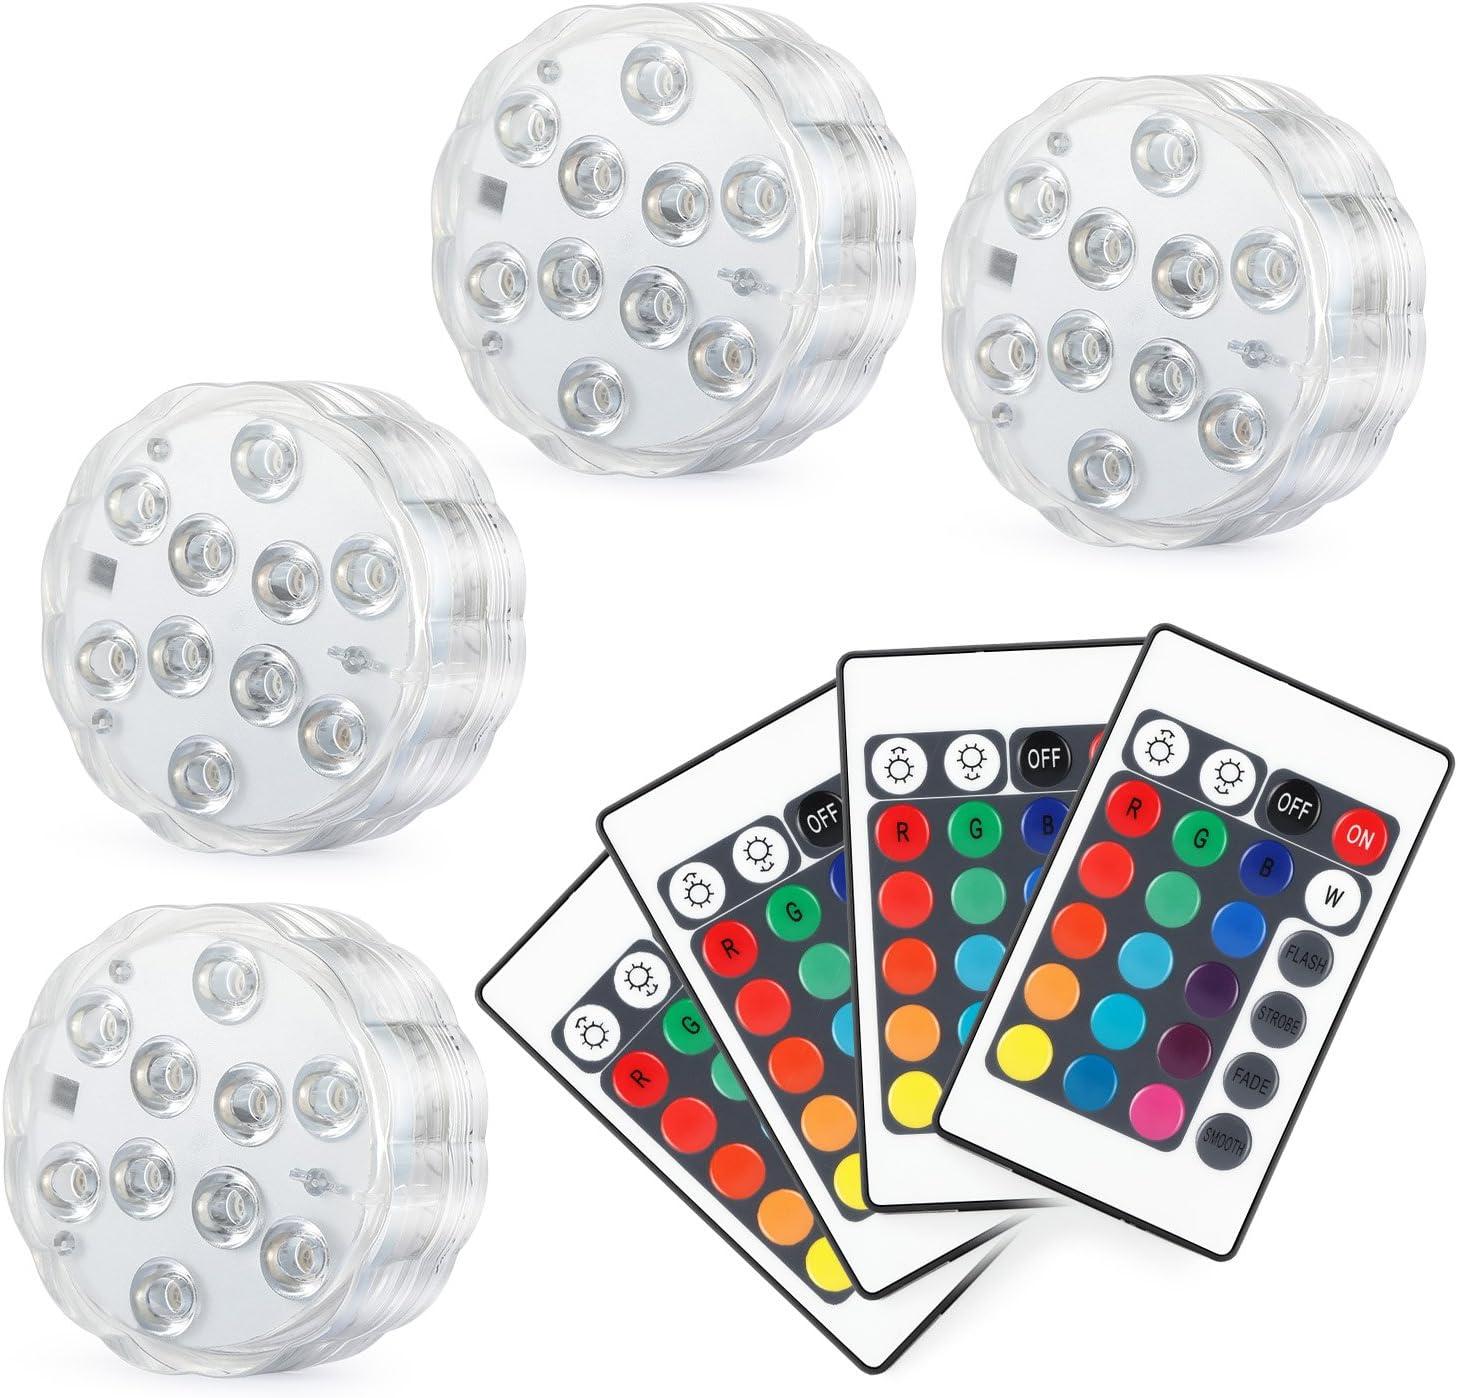 Kohree 4 x Luces Sumergibles LED Bajo El Agua Luz con mando a distancia